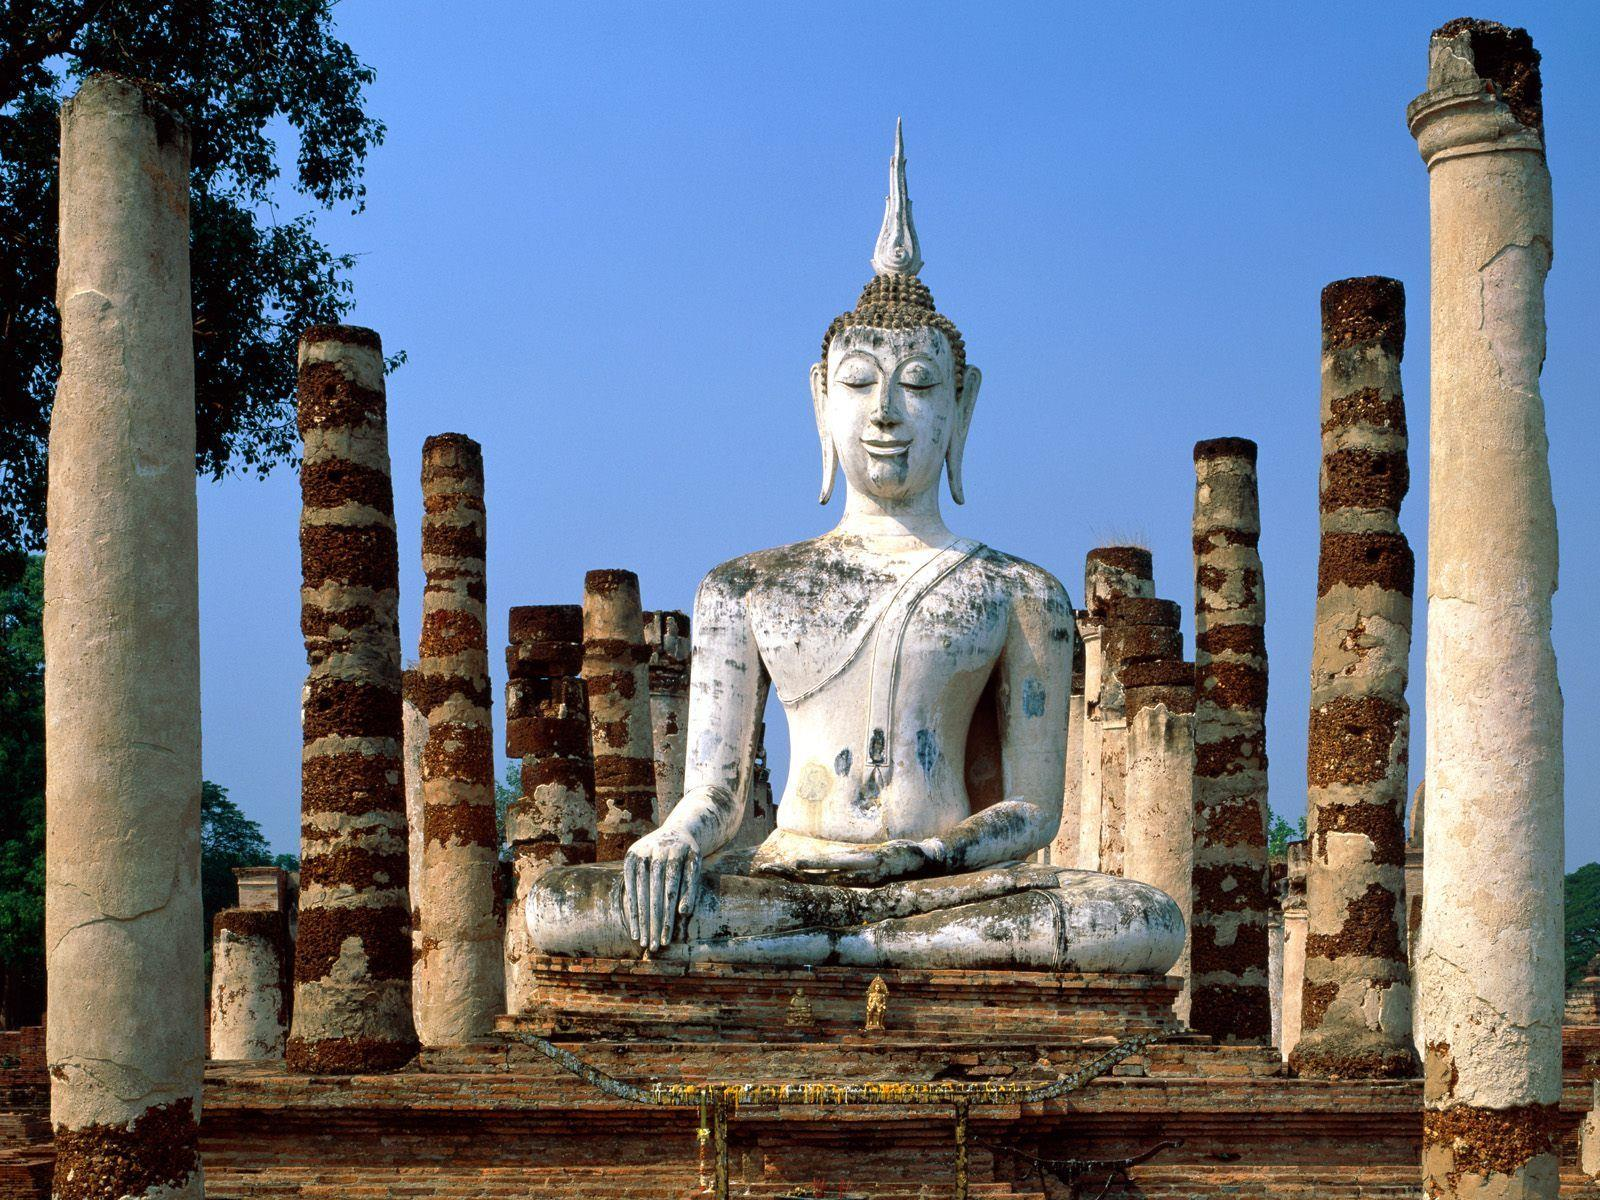 voyager_les-plus-beaux-monuments-du-monde_01